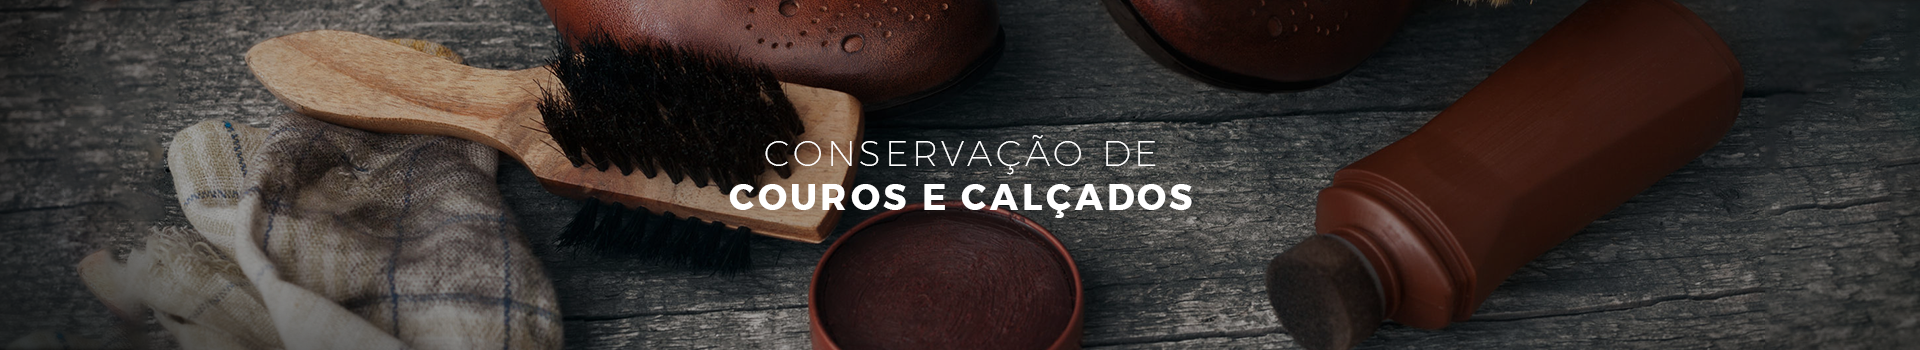 CONSERVAÇÃO DE COUROS E CALÇADOS